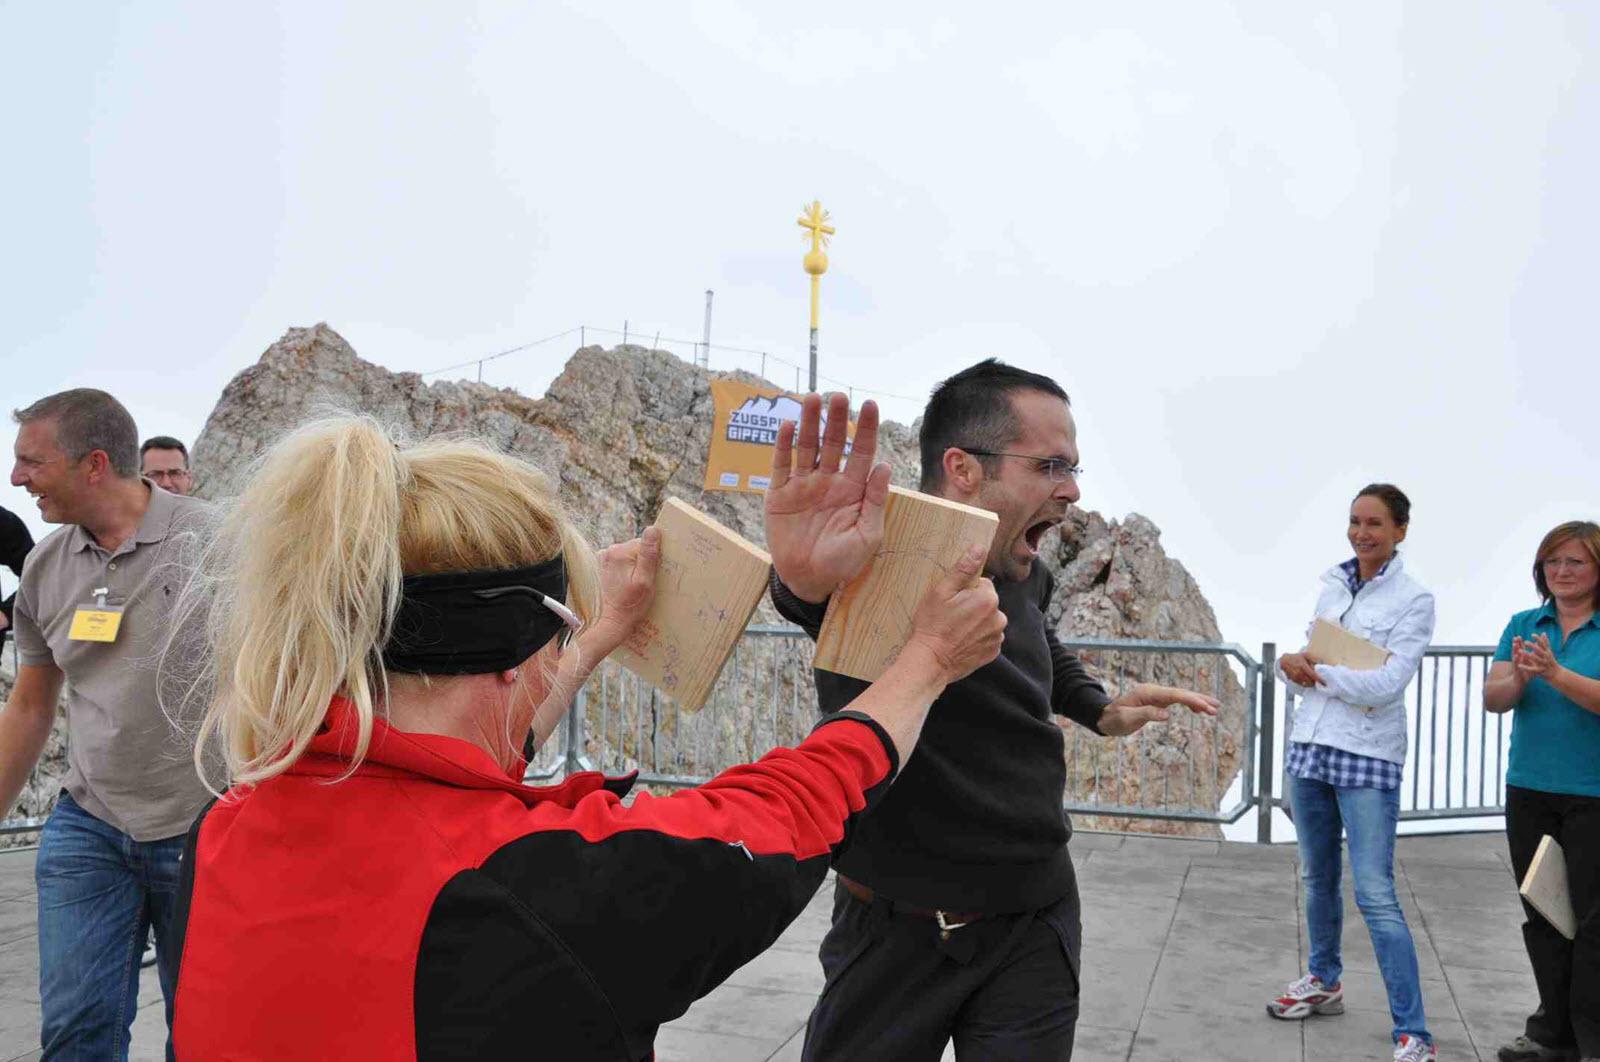 Zugspitz-Gipfelmotivation - Der Durchbruch